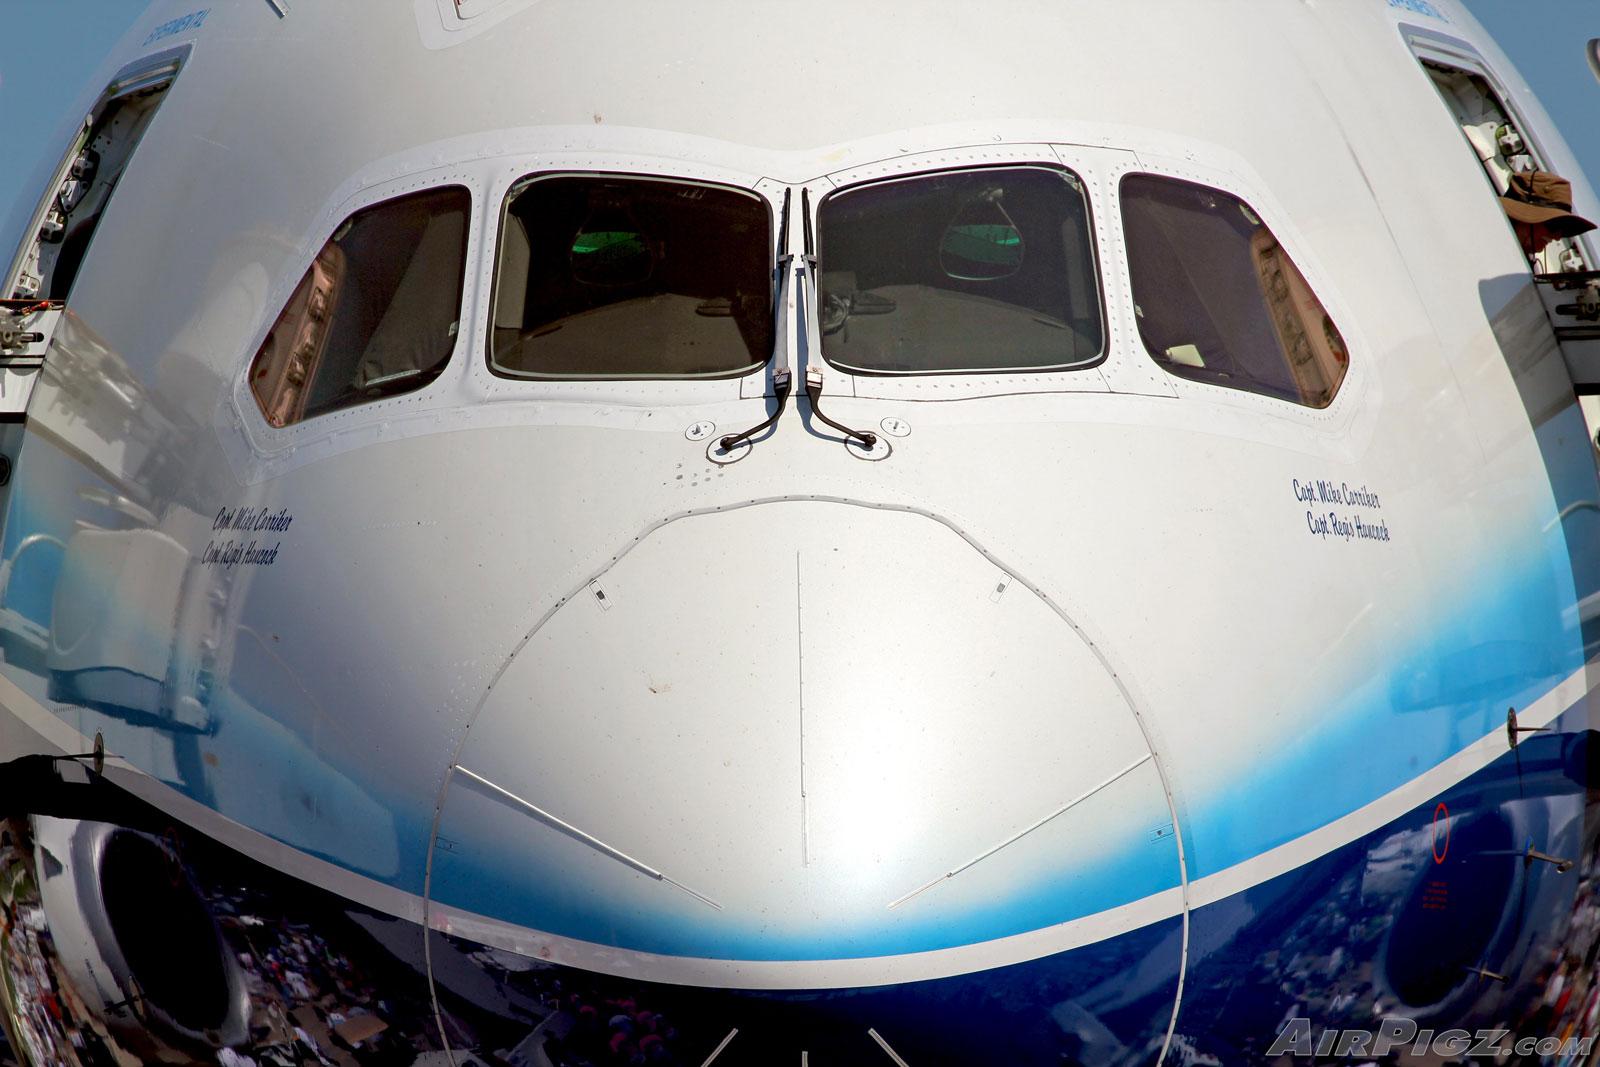 http://airpigz.com/storage/hi-res/OSH11-787-Nose.jpg